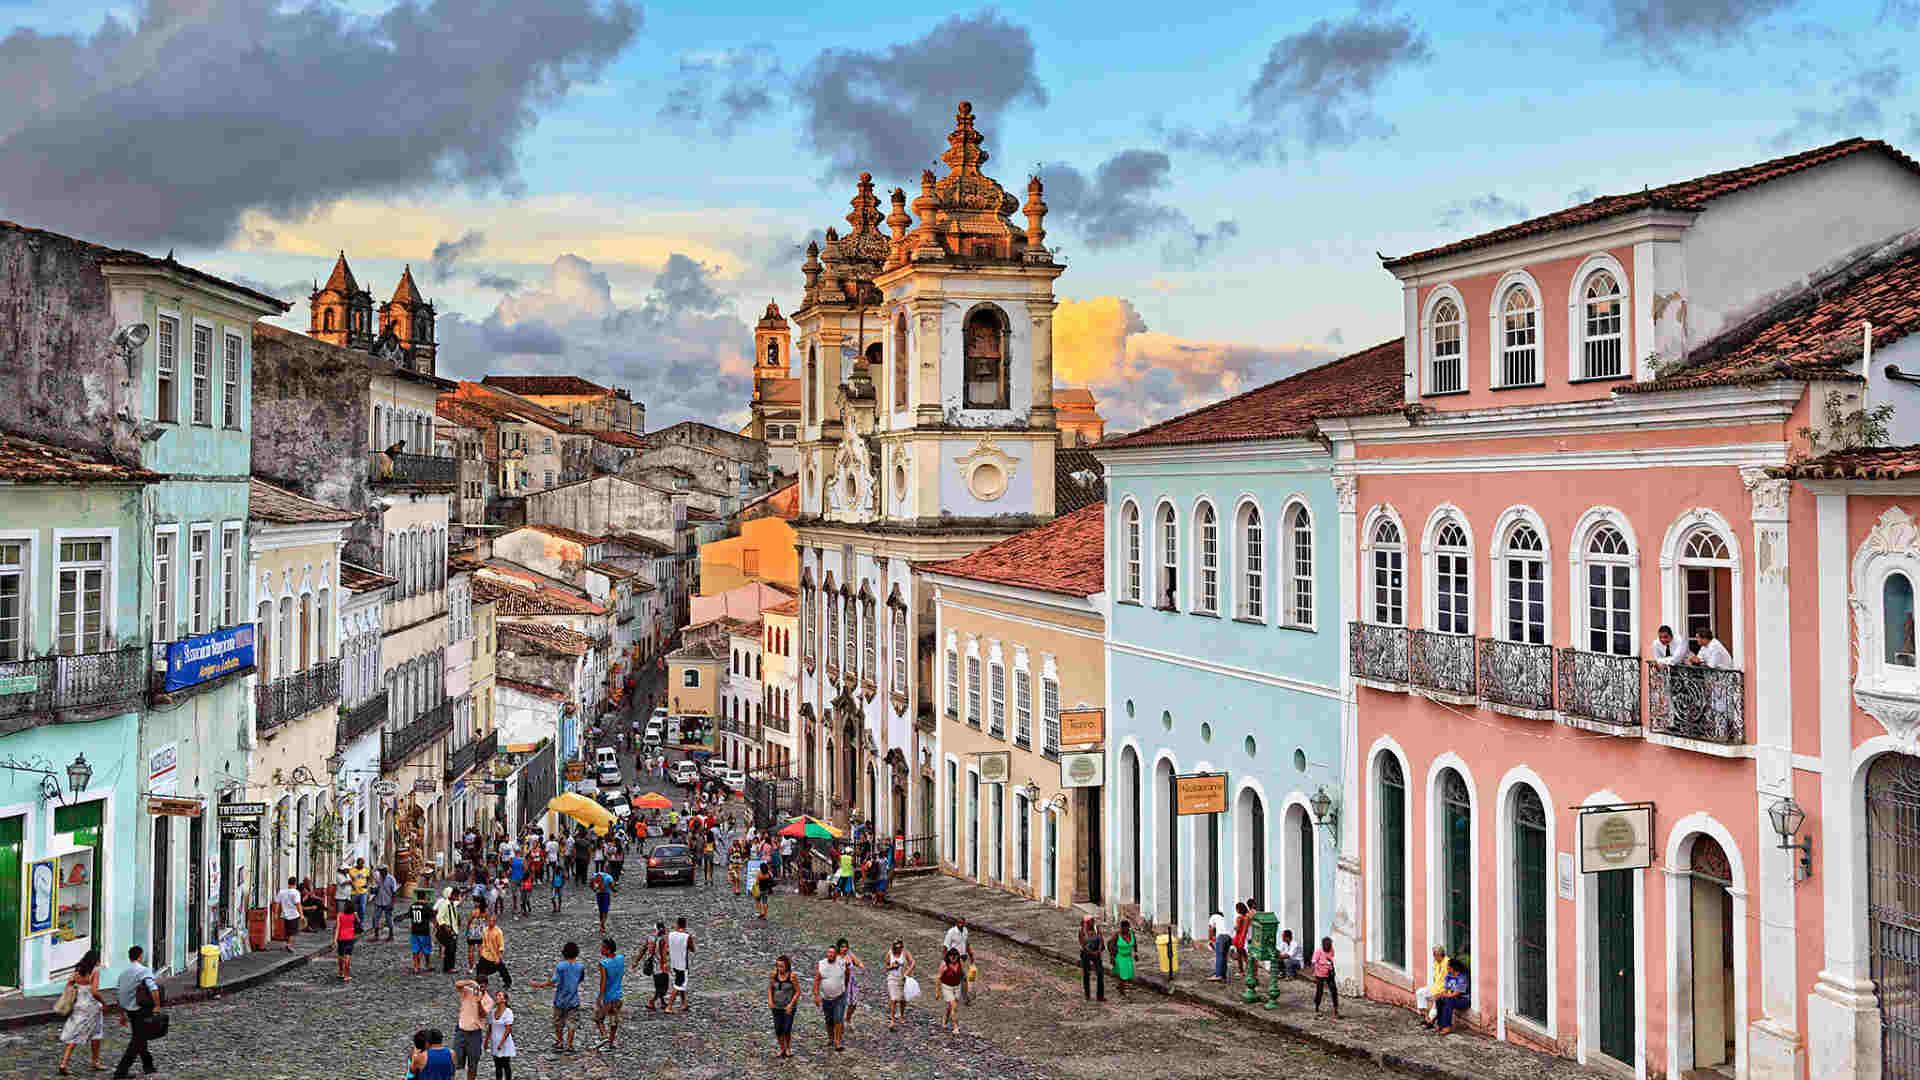 Découvrez la ville et l'histoire de Salvador de Bahia en français